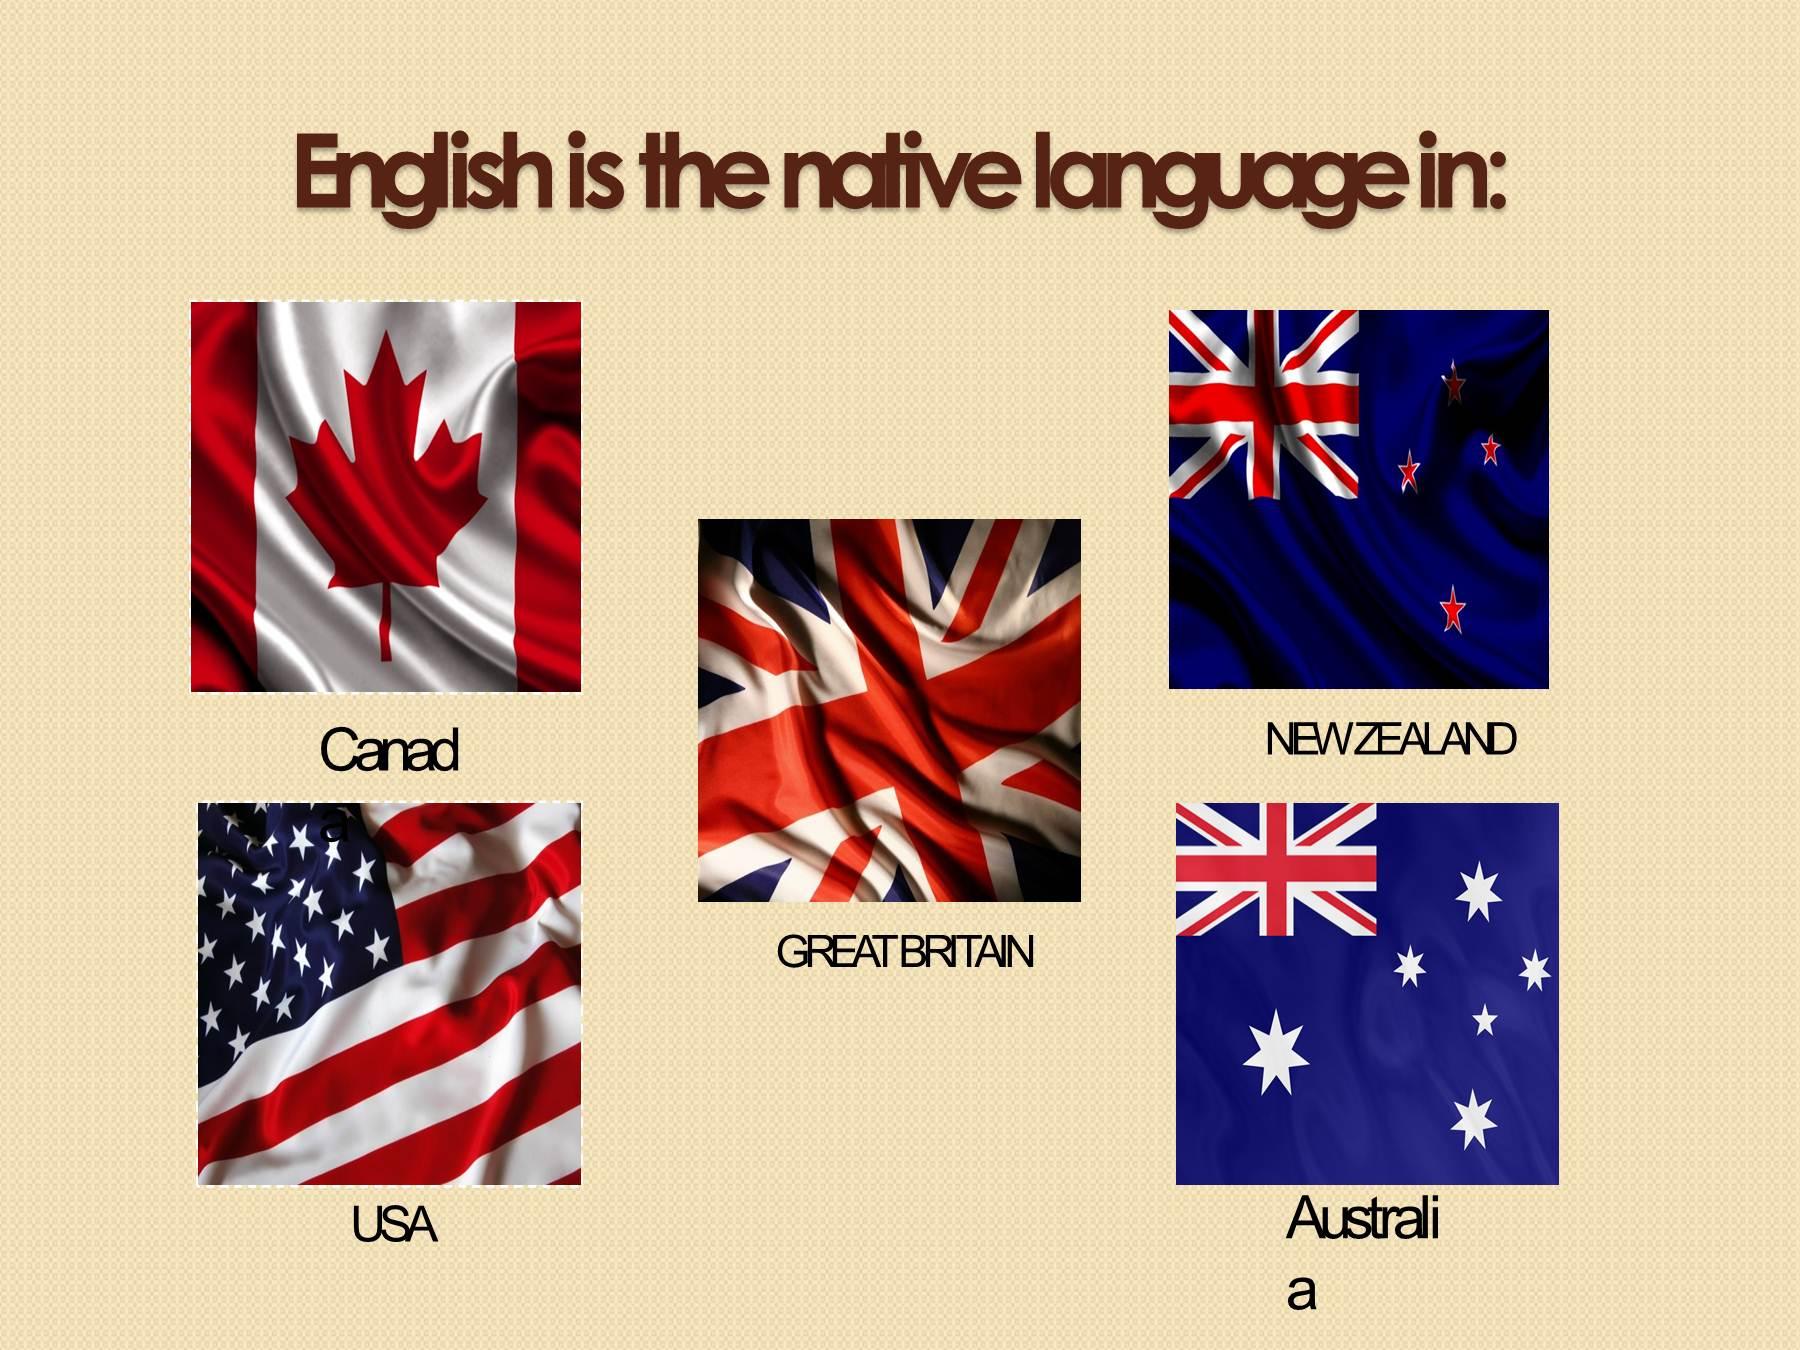 ирисов флаги англоязычных стран картинки что вот отрывок